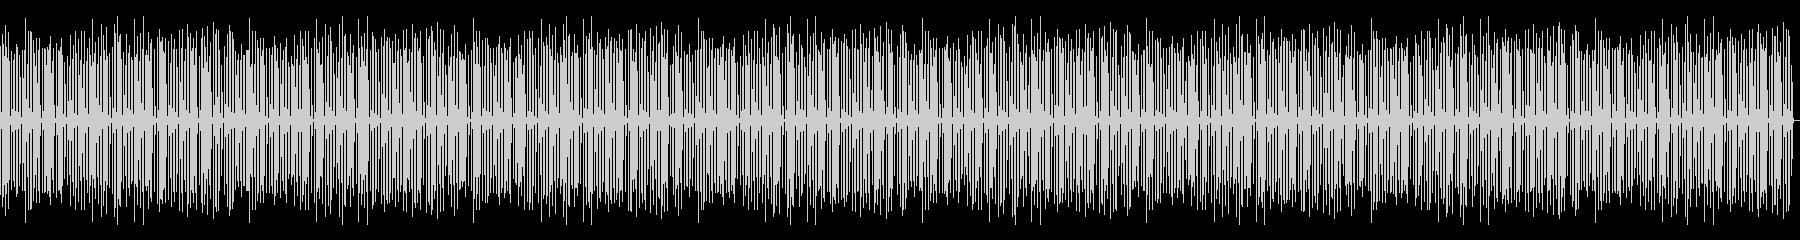 知育・教育・パズル・日常ピアノ55Lの未再生の波形